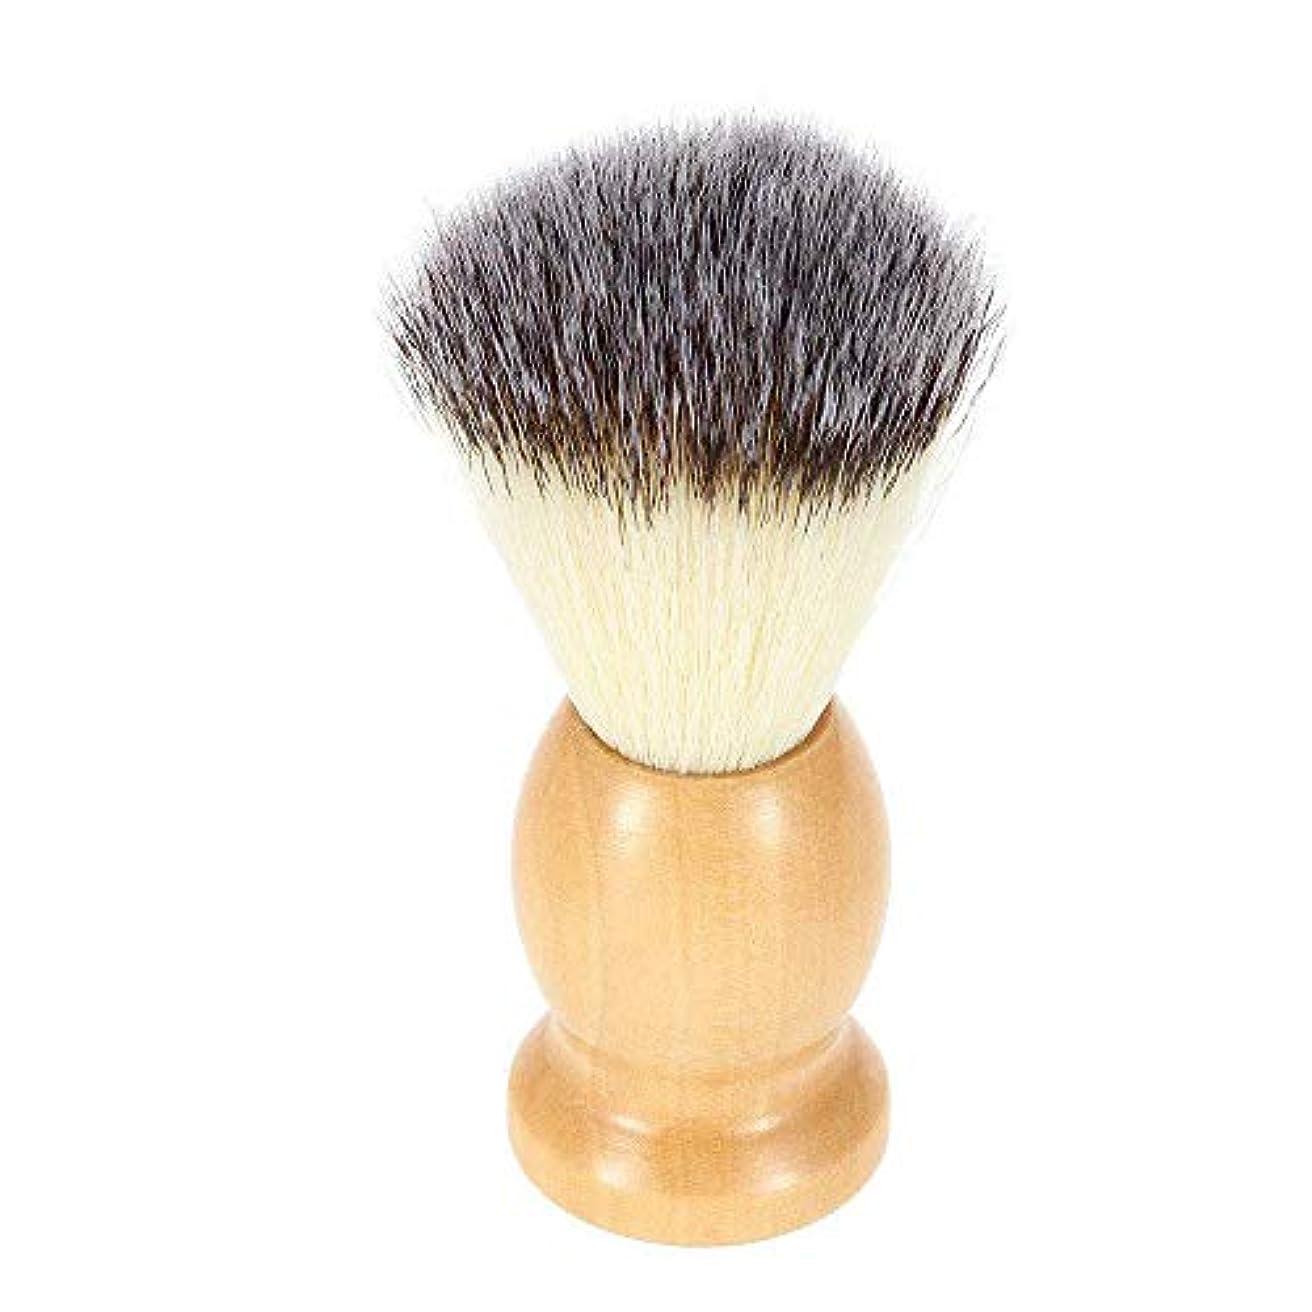 水銀の宅配便海峡1 ナイロンひげブラシ ハンドルシェービングブラシ 泡立ち 理容 洗顔 髭剃り ご主人メンズ用ブラシ 木製ひげブラシ